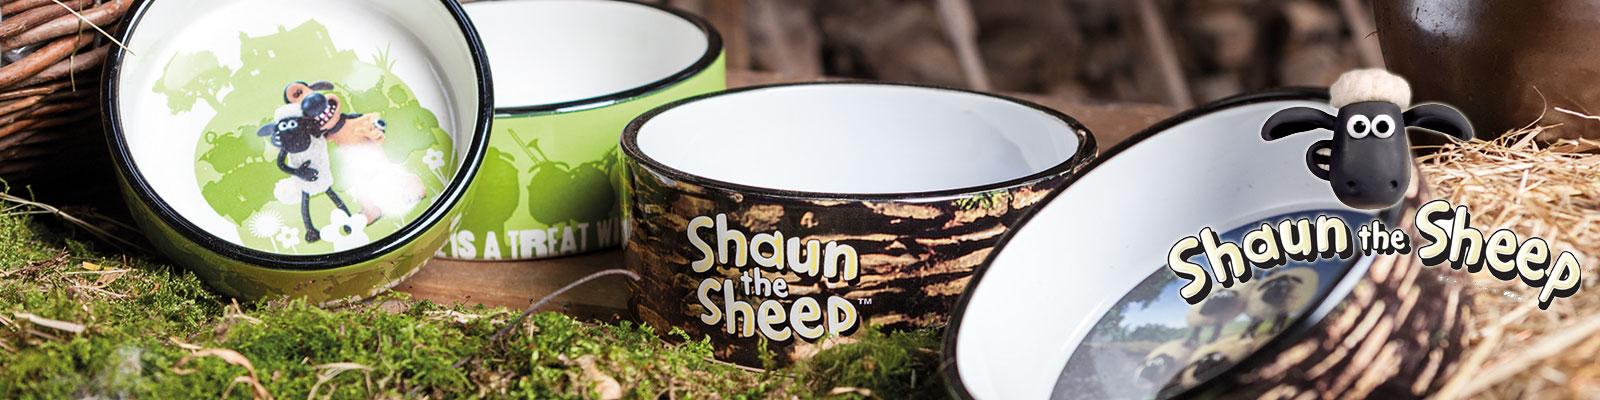 Shaun das Schaf - die Hundekollektion von TRIXIE, Bild 2